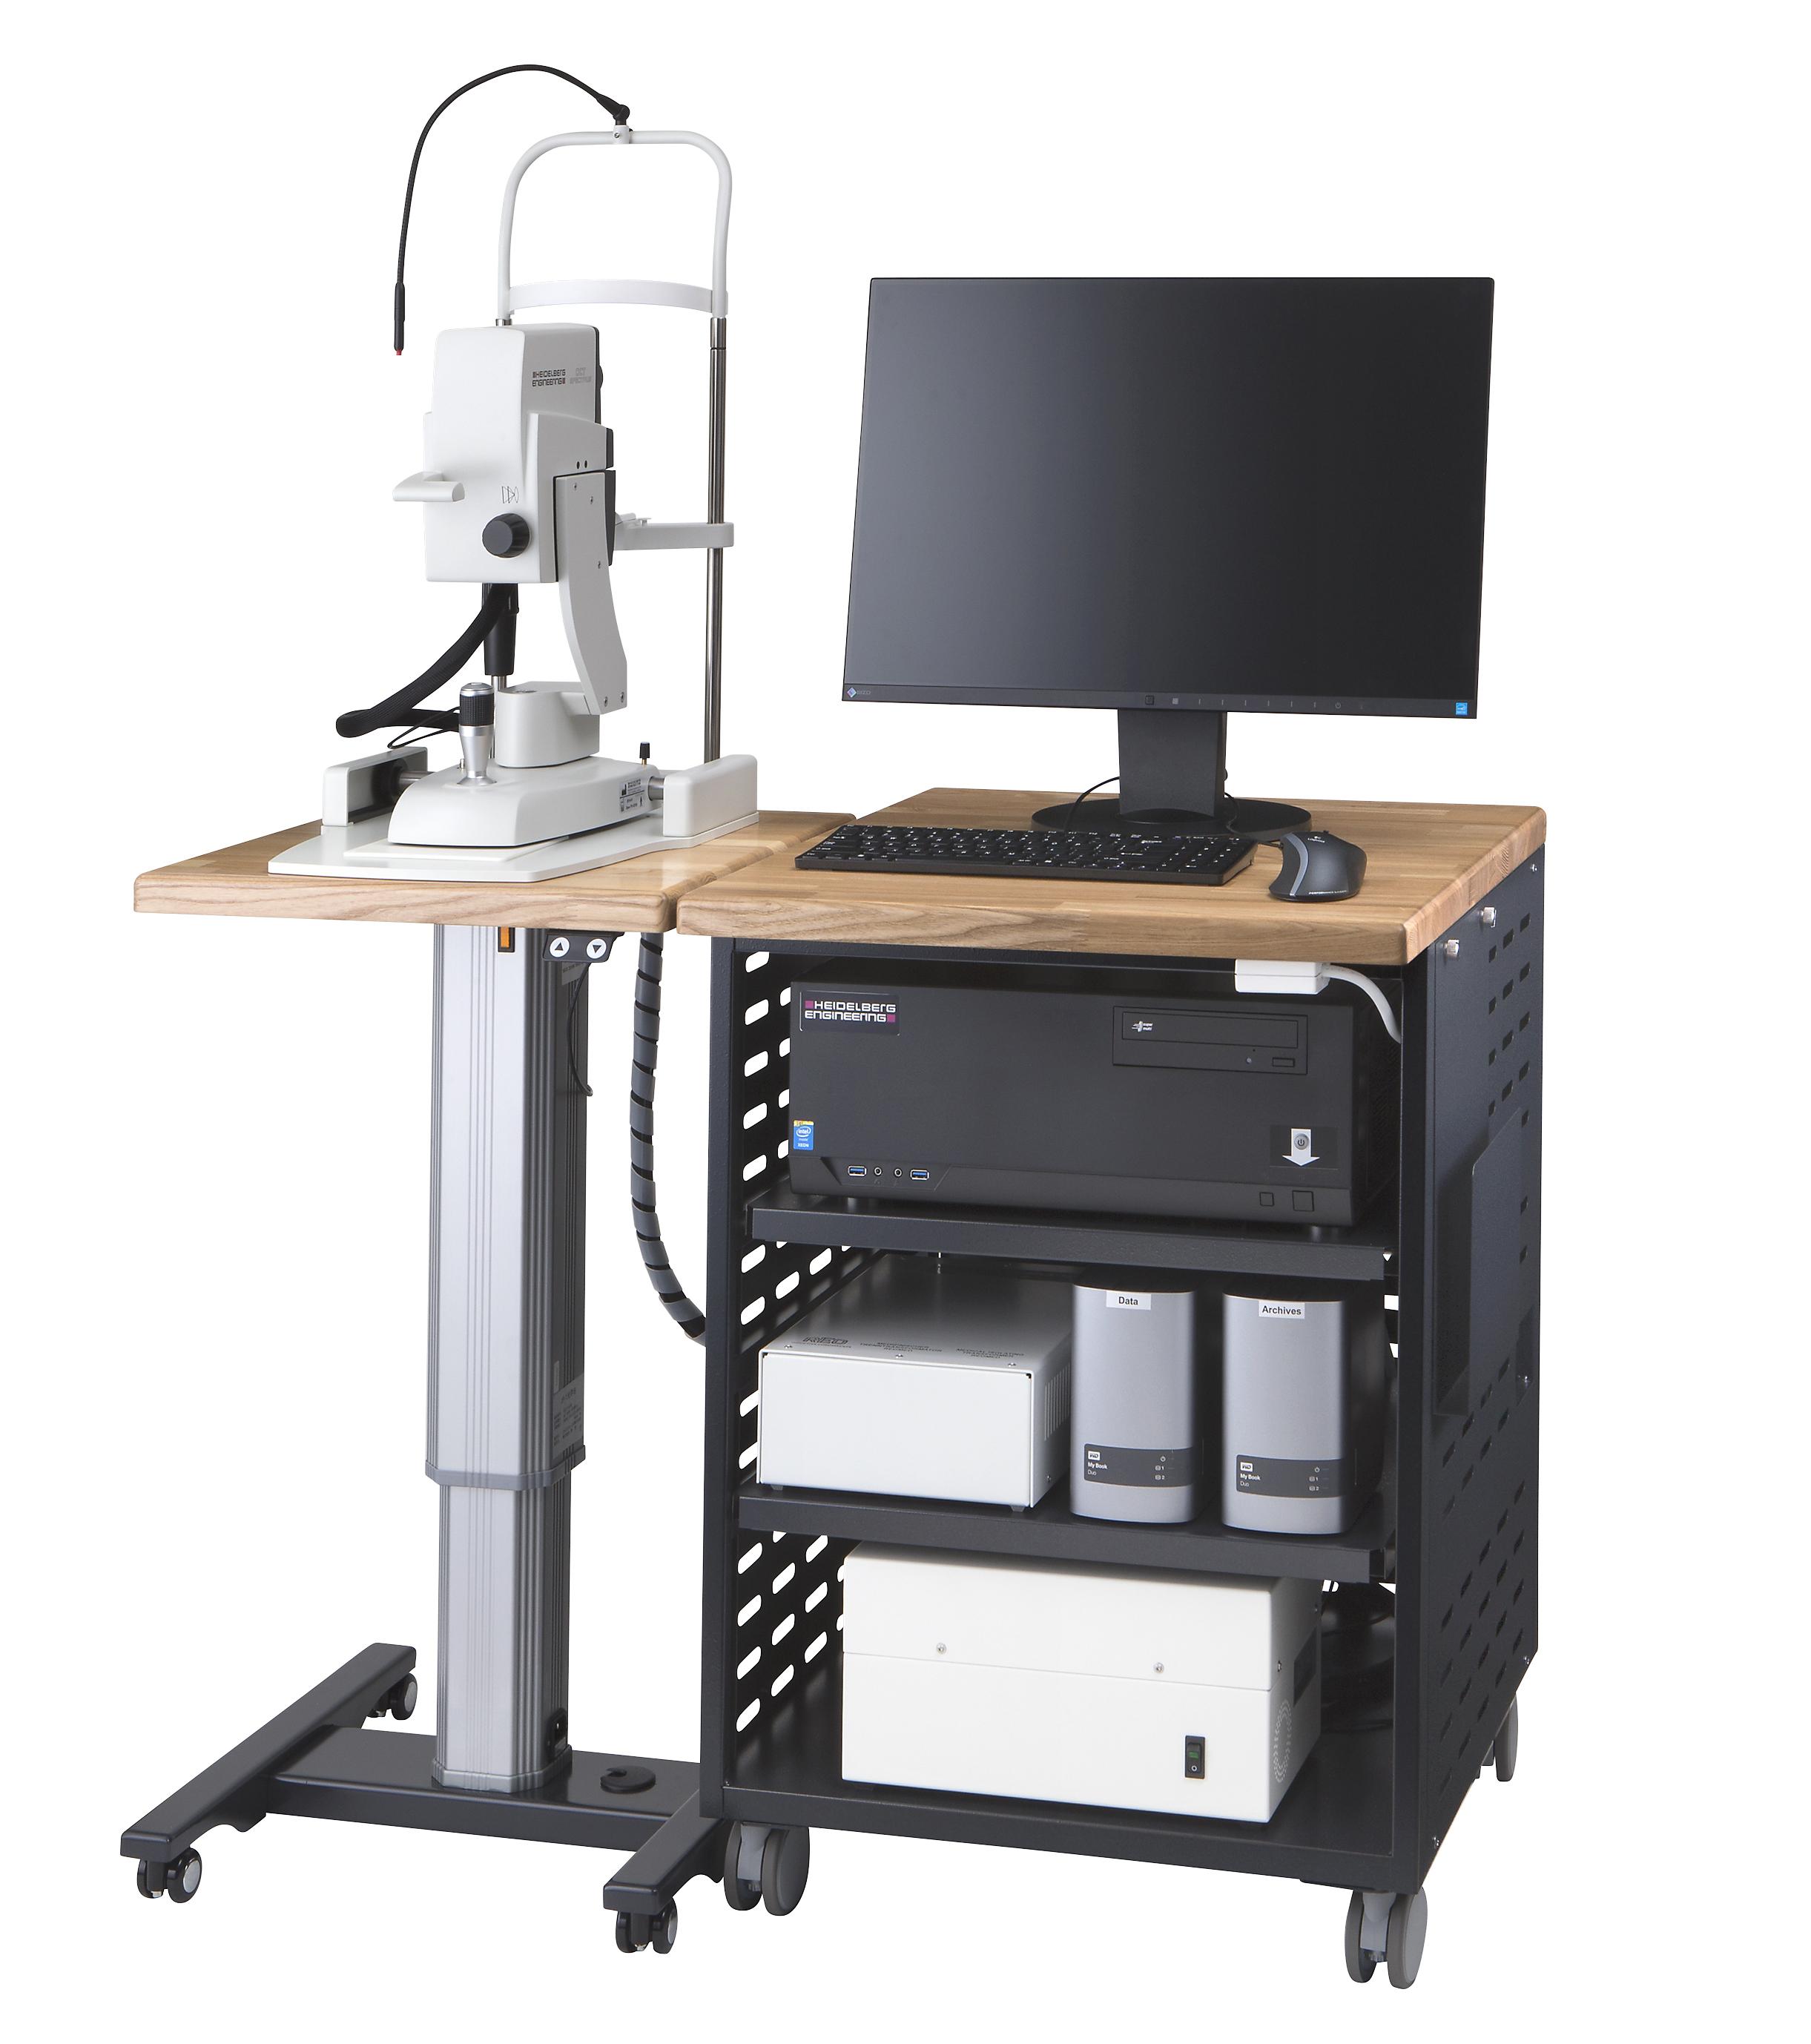 最高レベルの光干渉断層計のドイツ ハイデルベルグ エンジニアリング社製スペクトラリスOCTを導入しました。